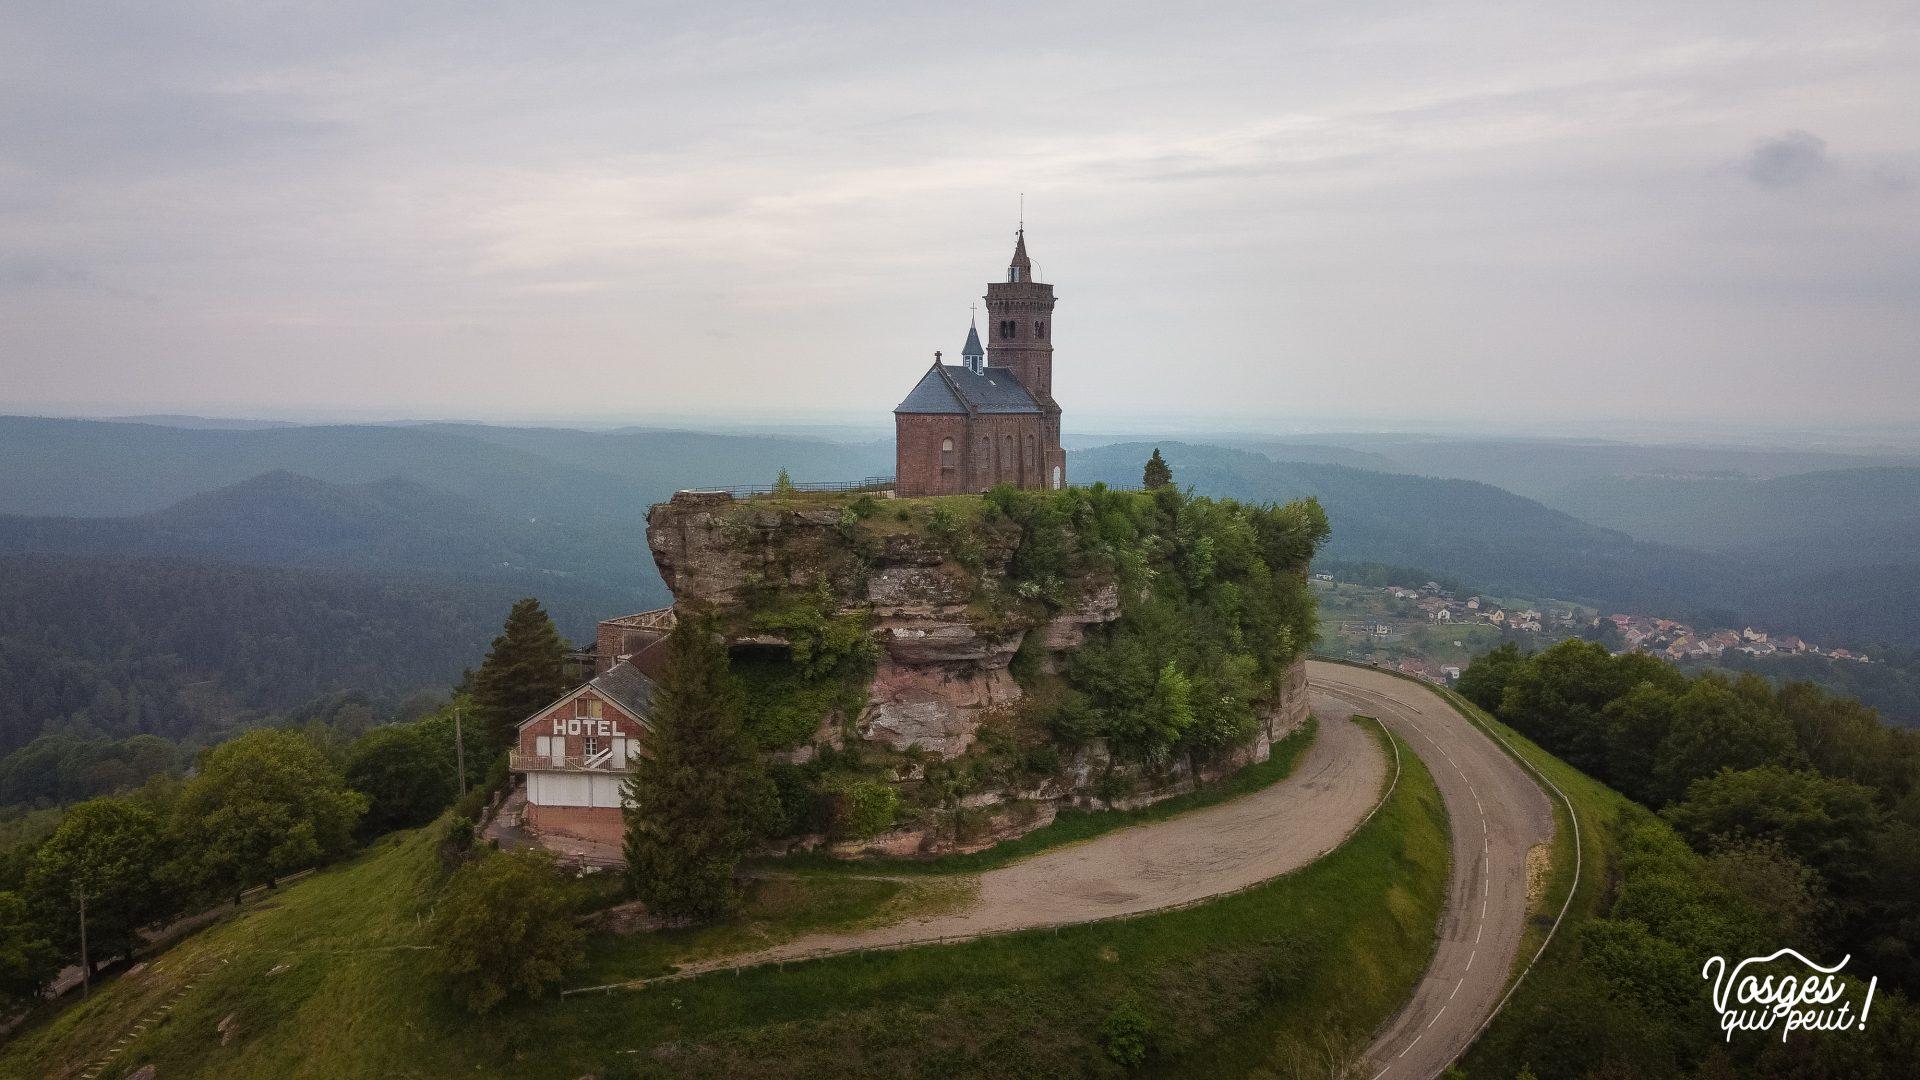 Le rocher de Dabo et la chapelle St-Léon dans le massif des Vosges